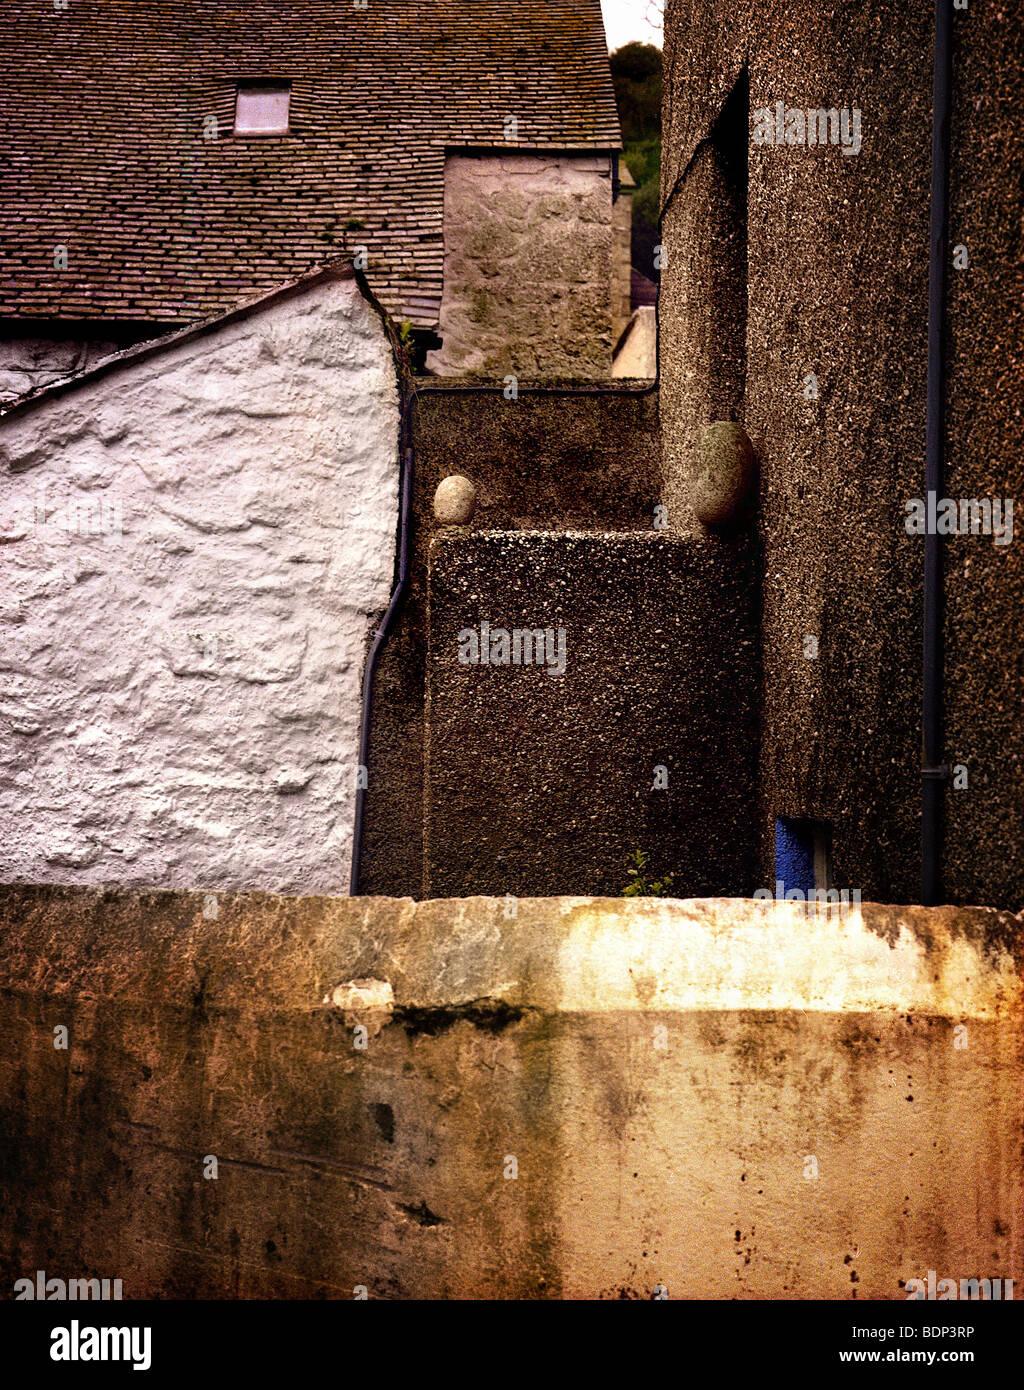 Cornish cottages - Stock Image